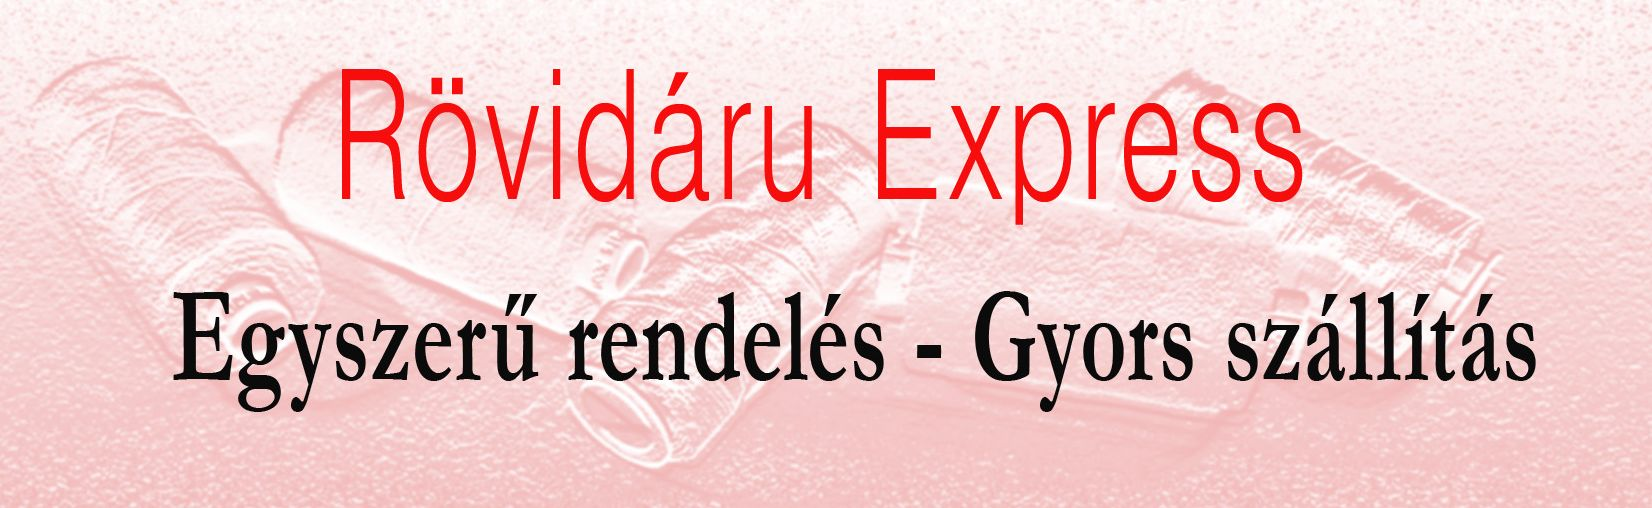 dadc39478a www.rovidaruexpress.hu Rövidáru webshop, webáruház, beszerzés ...